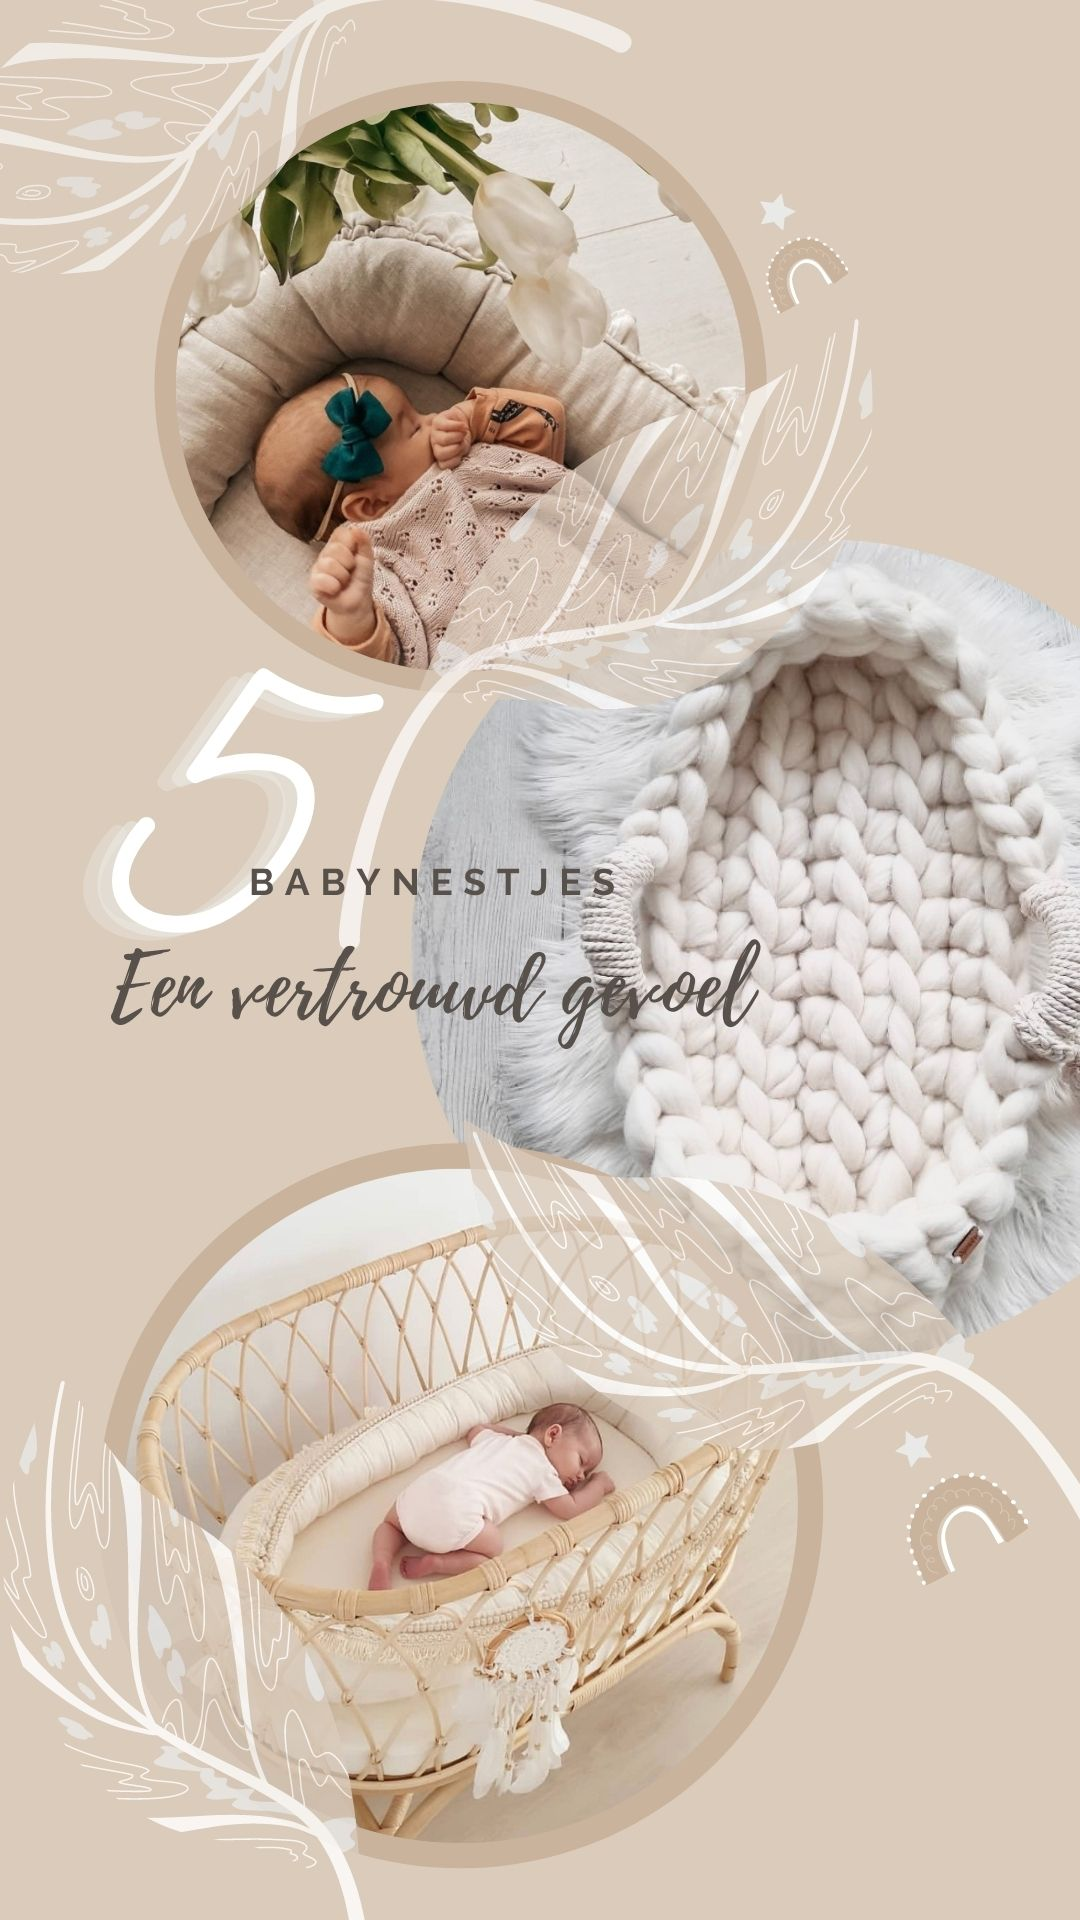 5+ babynestjes | Vertrouwd gevoel voor baby